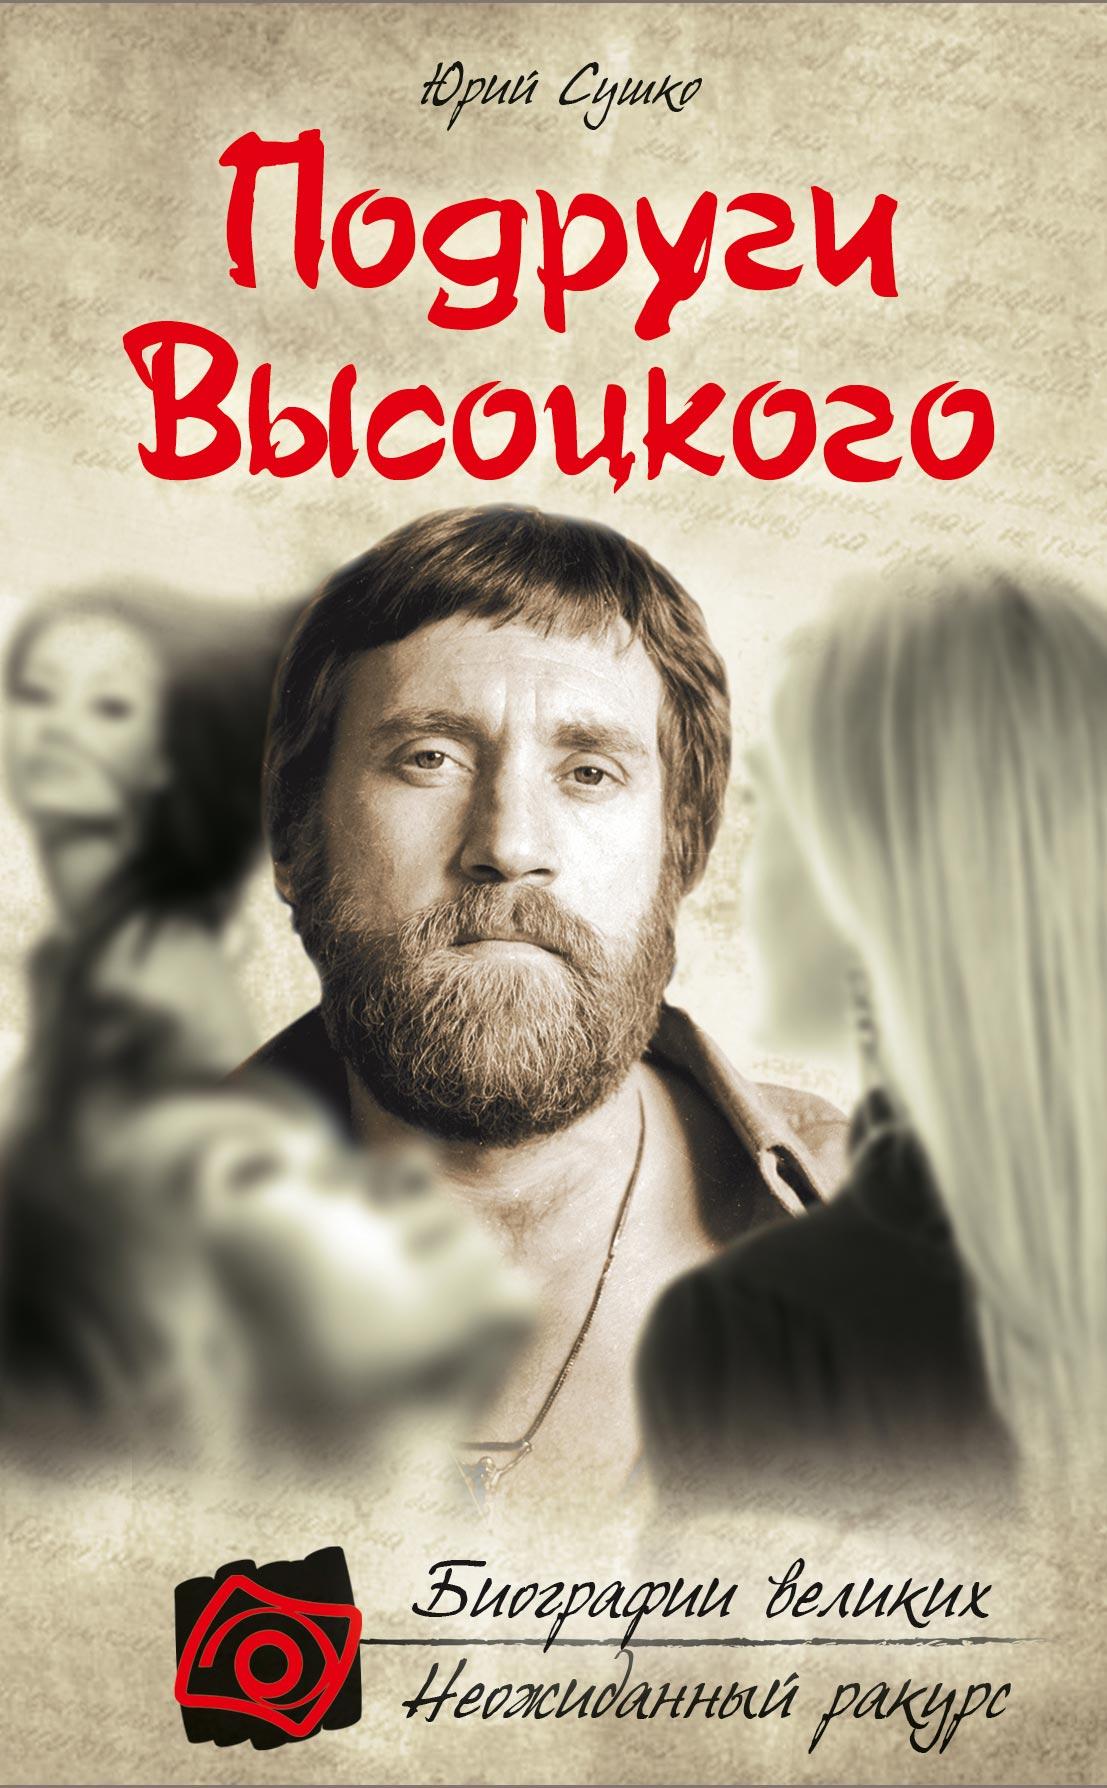 Юрий Сушко Подруги Высоцкого